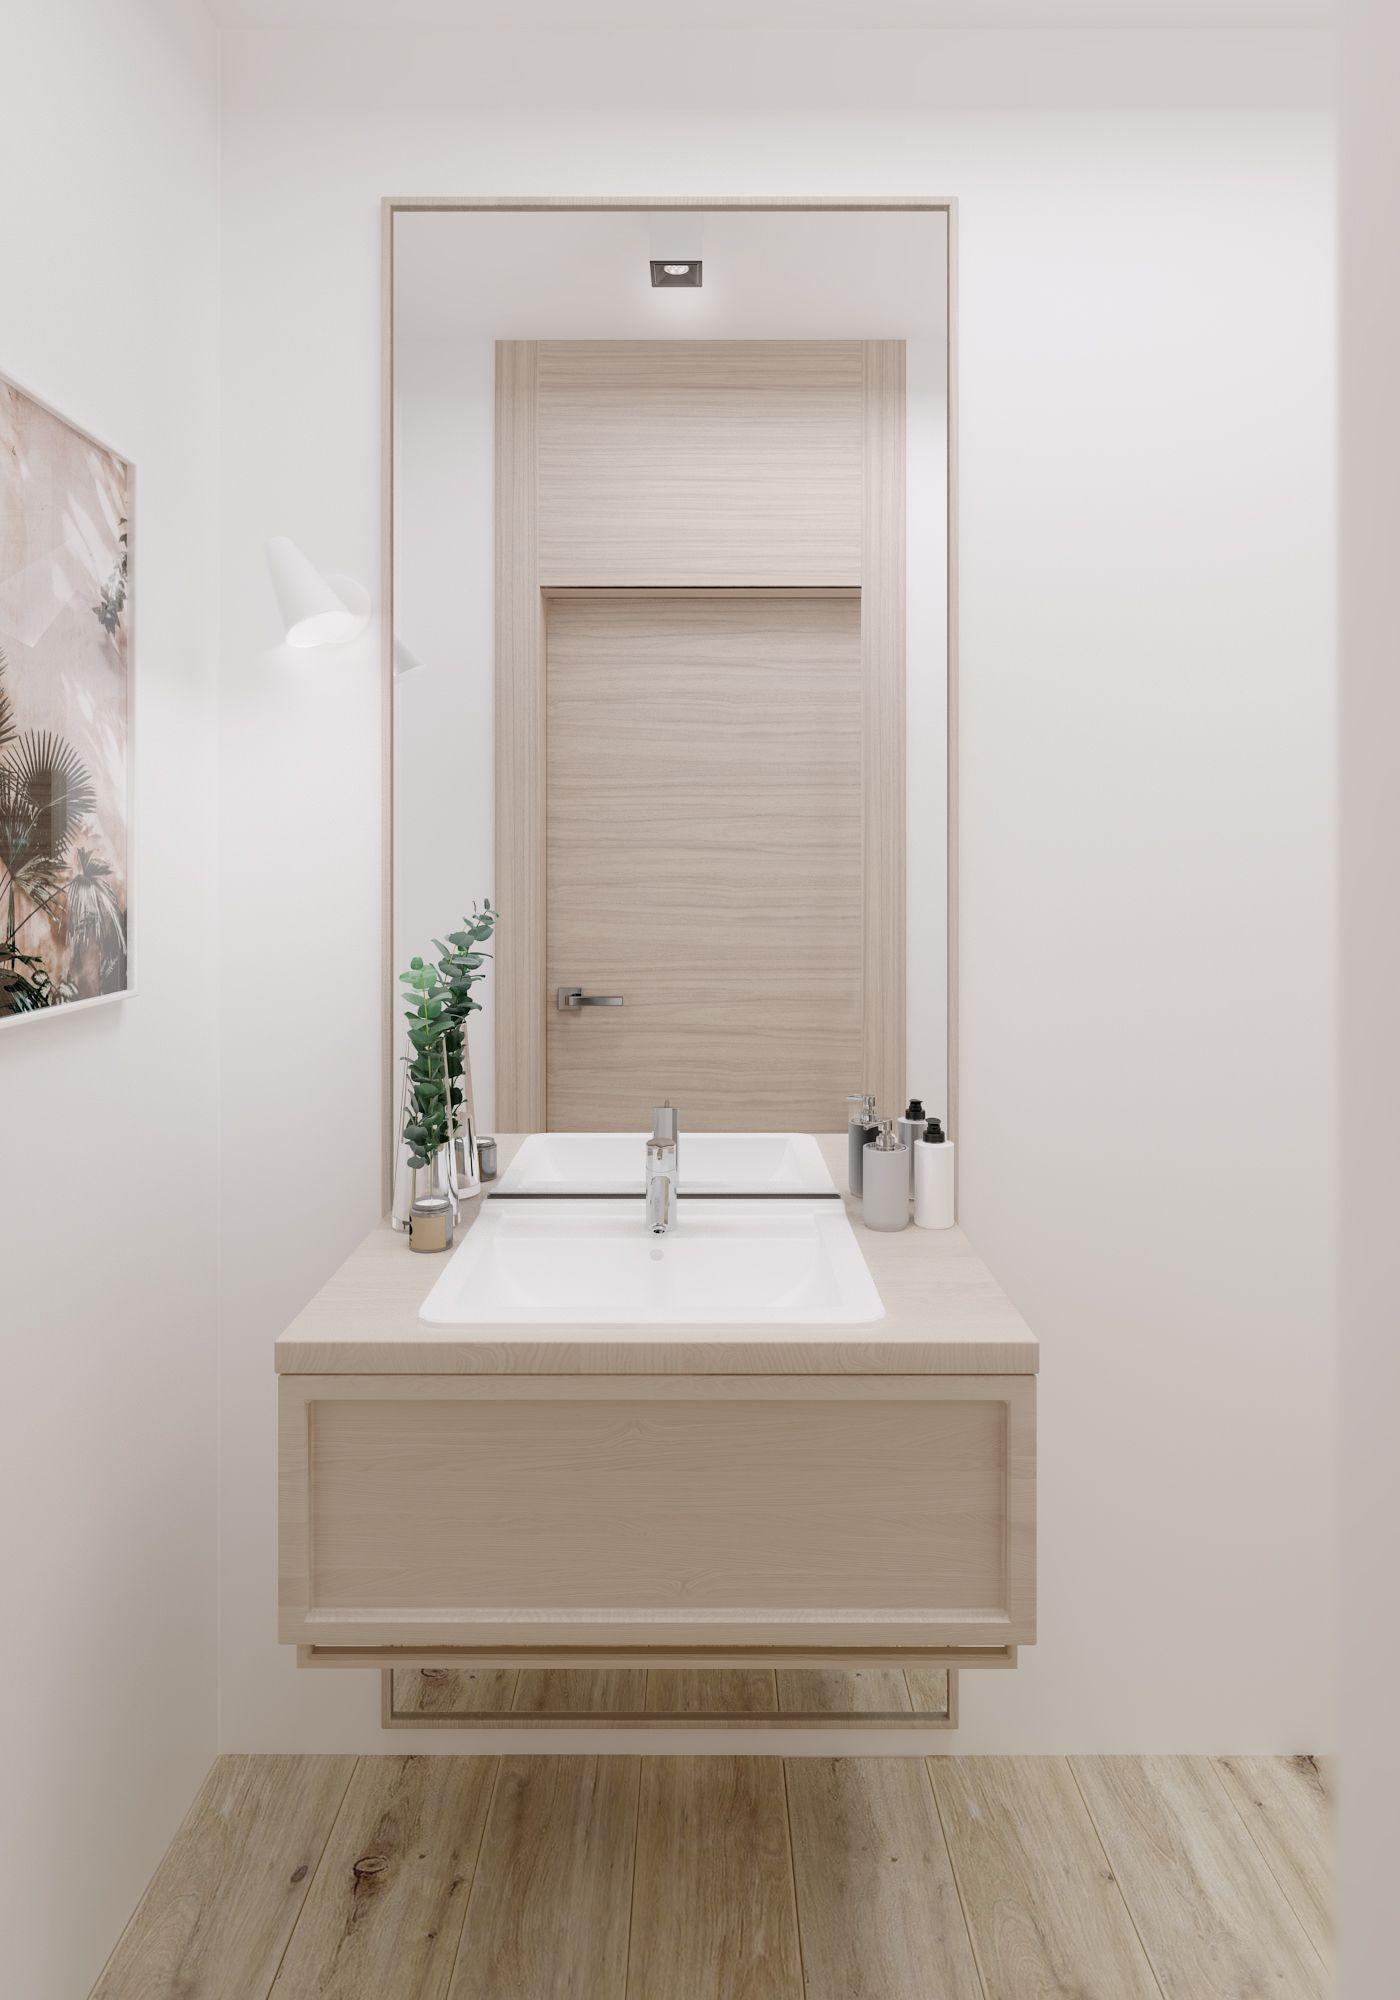 Autodesk Room Design: Modern Minimalist Living Room